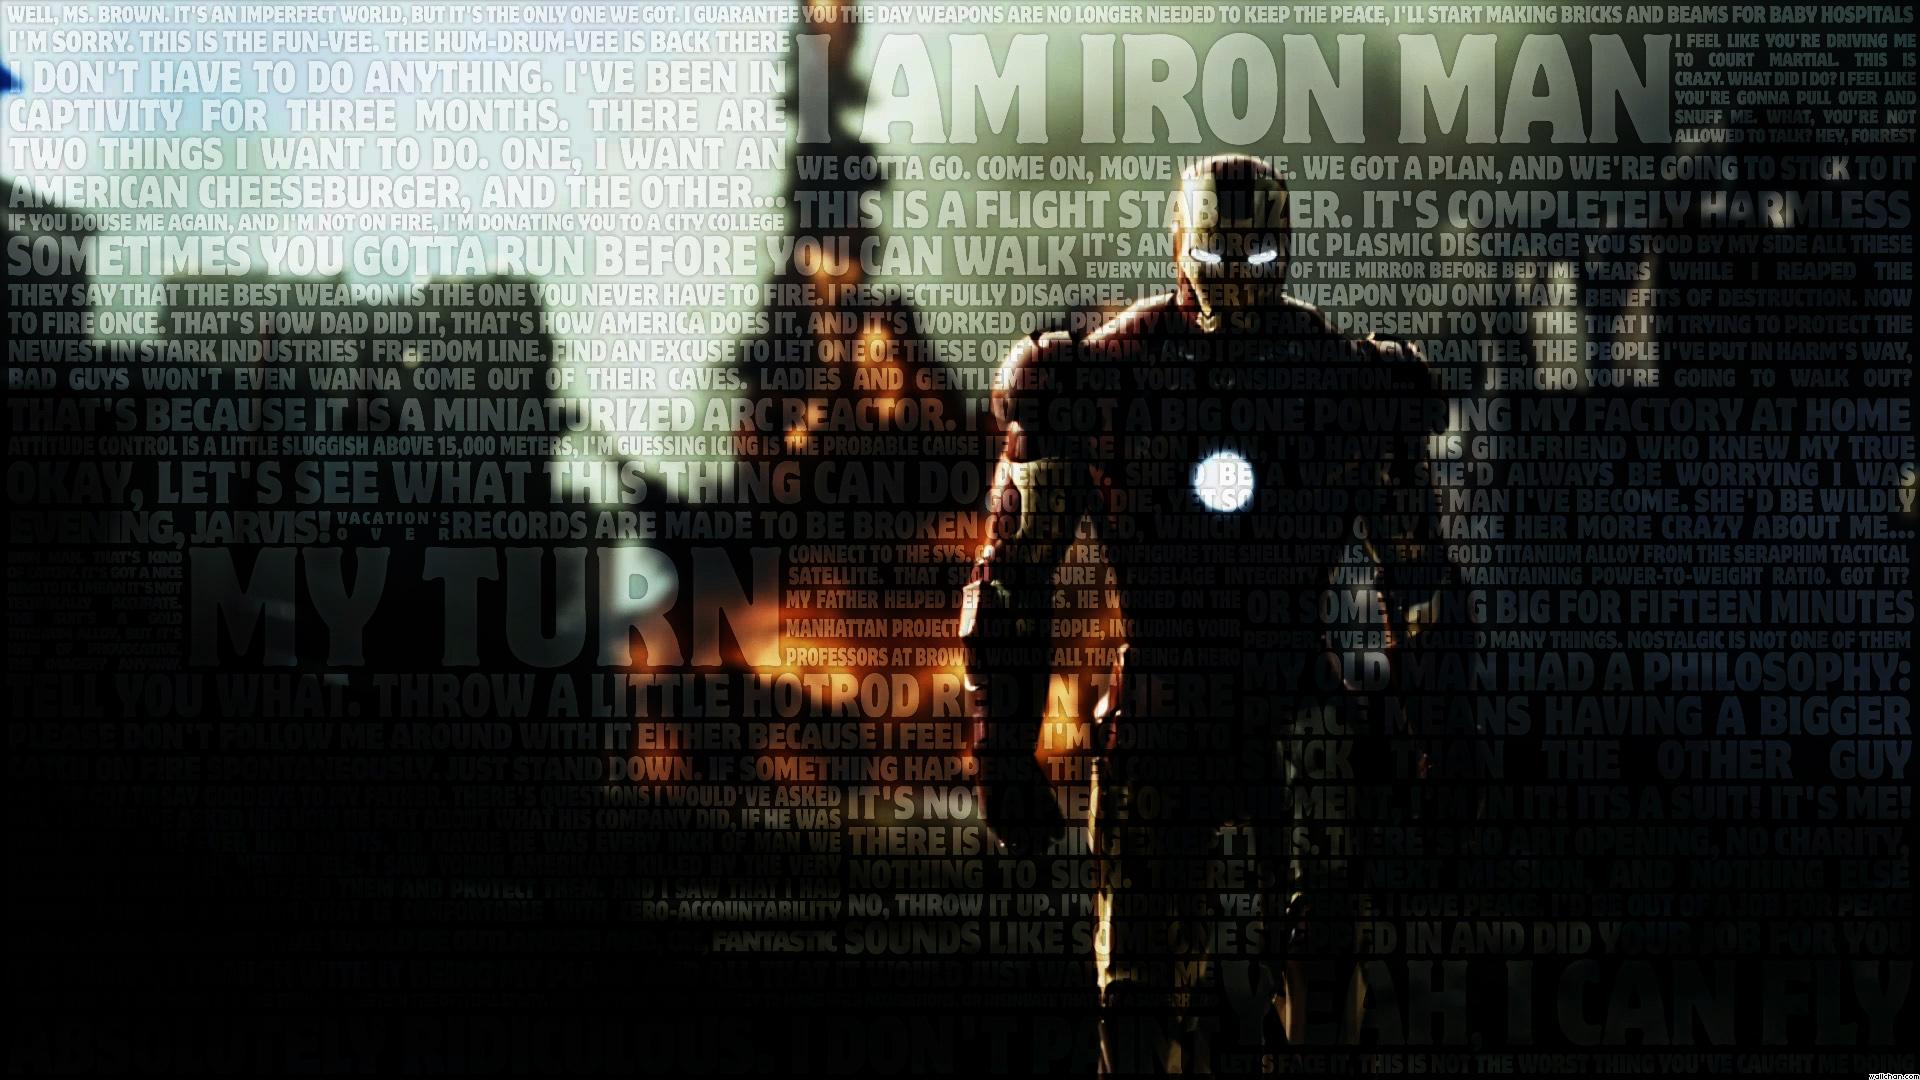 Iron Man 1 Wallpaper by bbboz